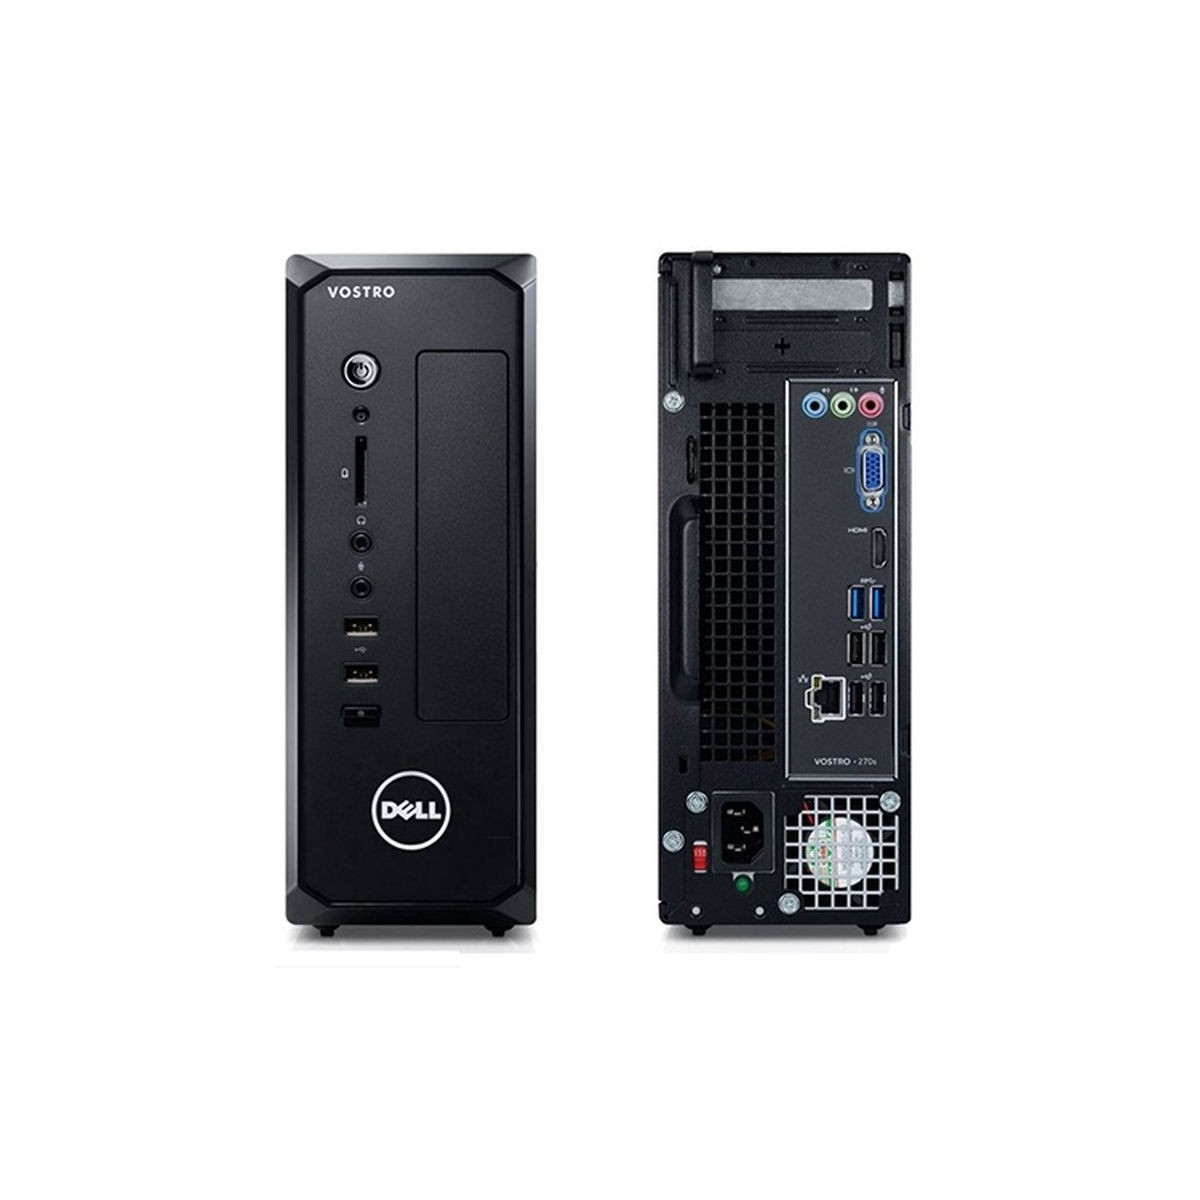 DELL VOSTRO 270S SFF i3-3220 4GB 500GB WIN10 PRO